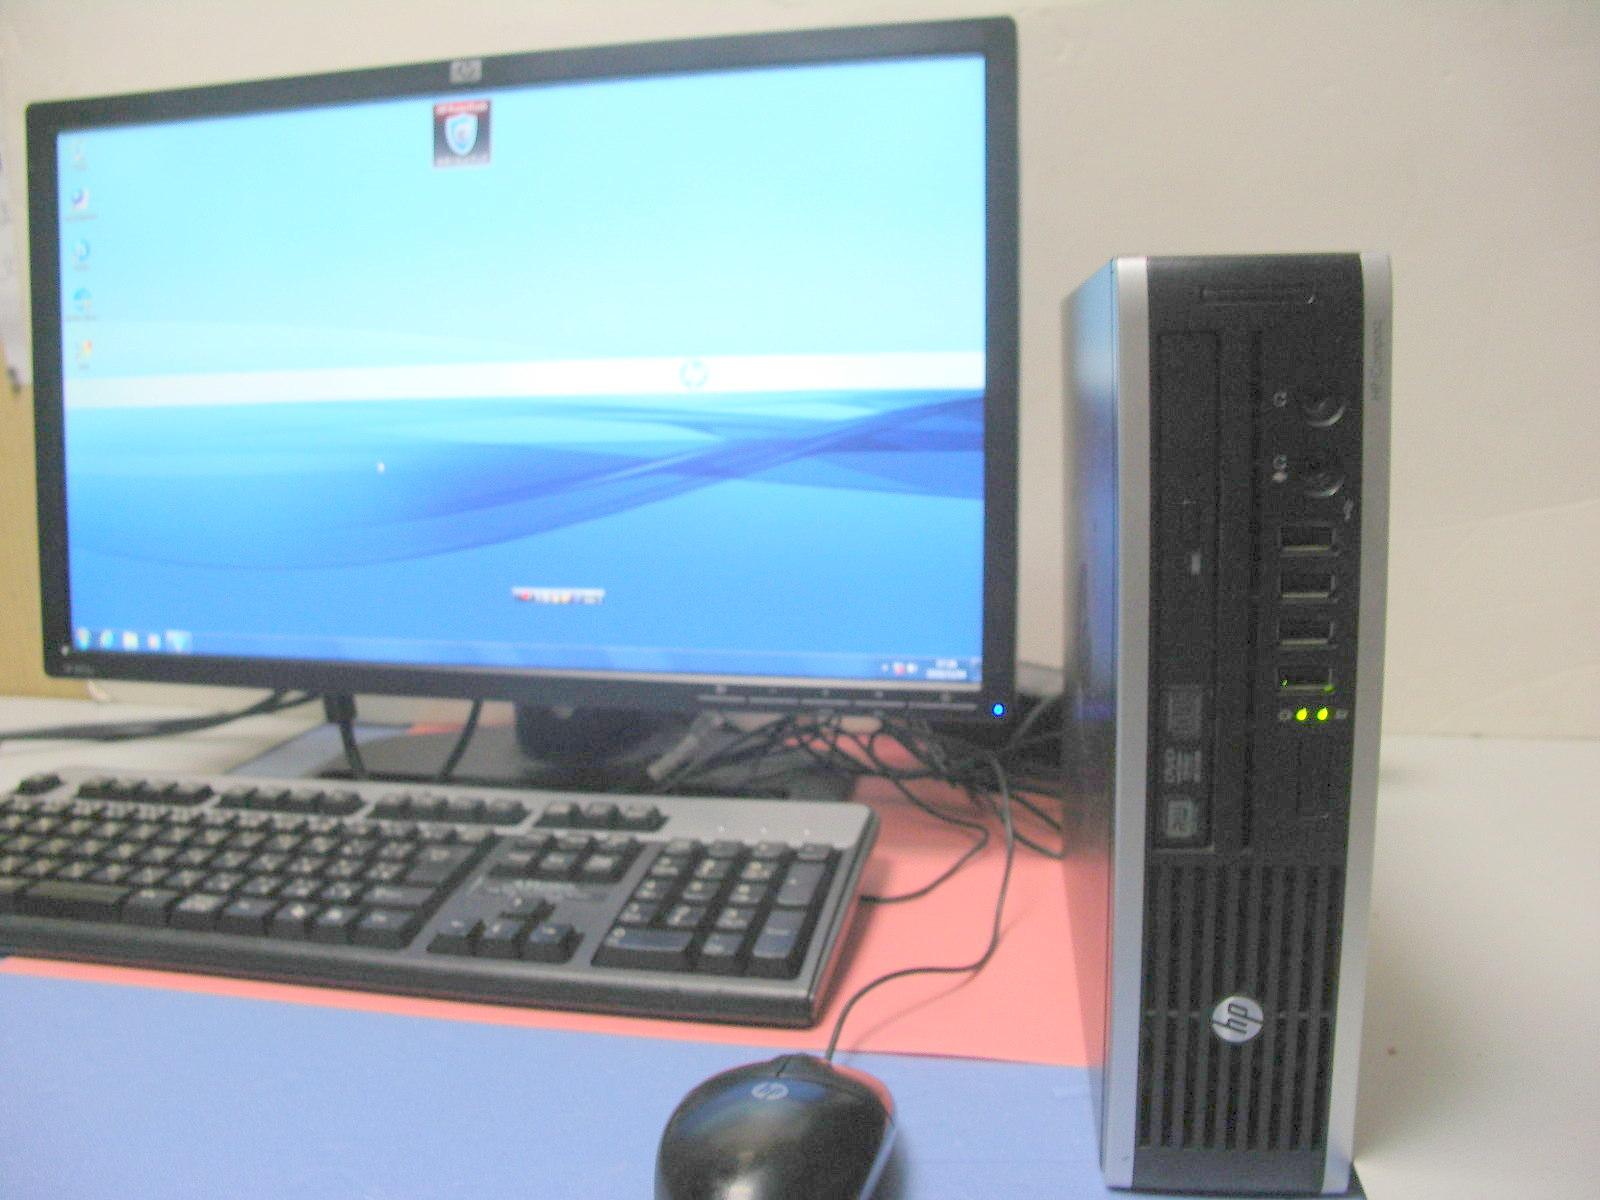 HP 8200US i5 2.7GHz 4GB 160GB  WINDOWS7 【中古】【送料無料】【あす楽対応】